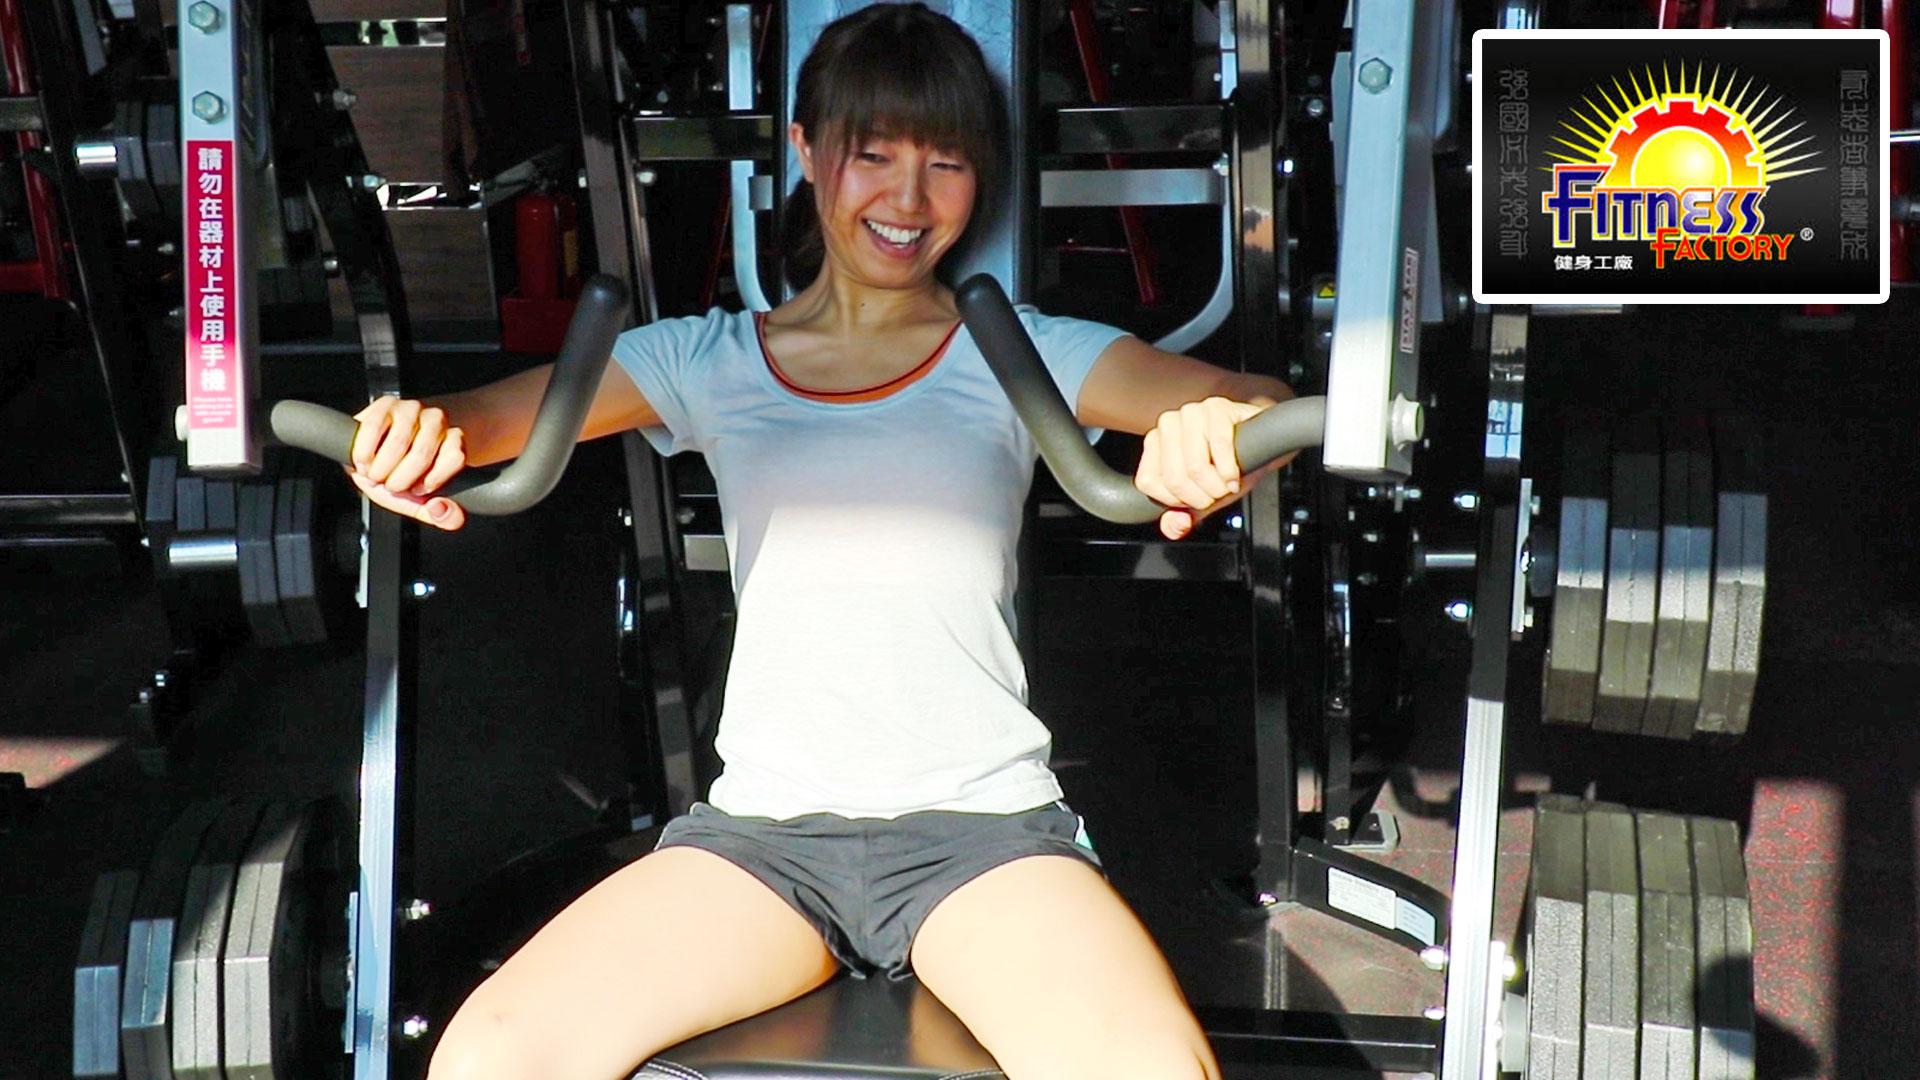 【9/30更新】台湾で暮らす女性のためのゆるふわボディダイエットエクササイズ&食事管理!